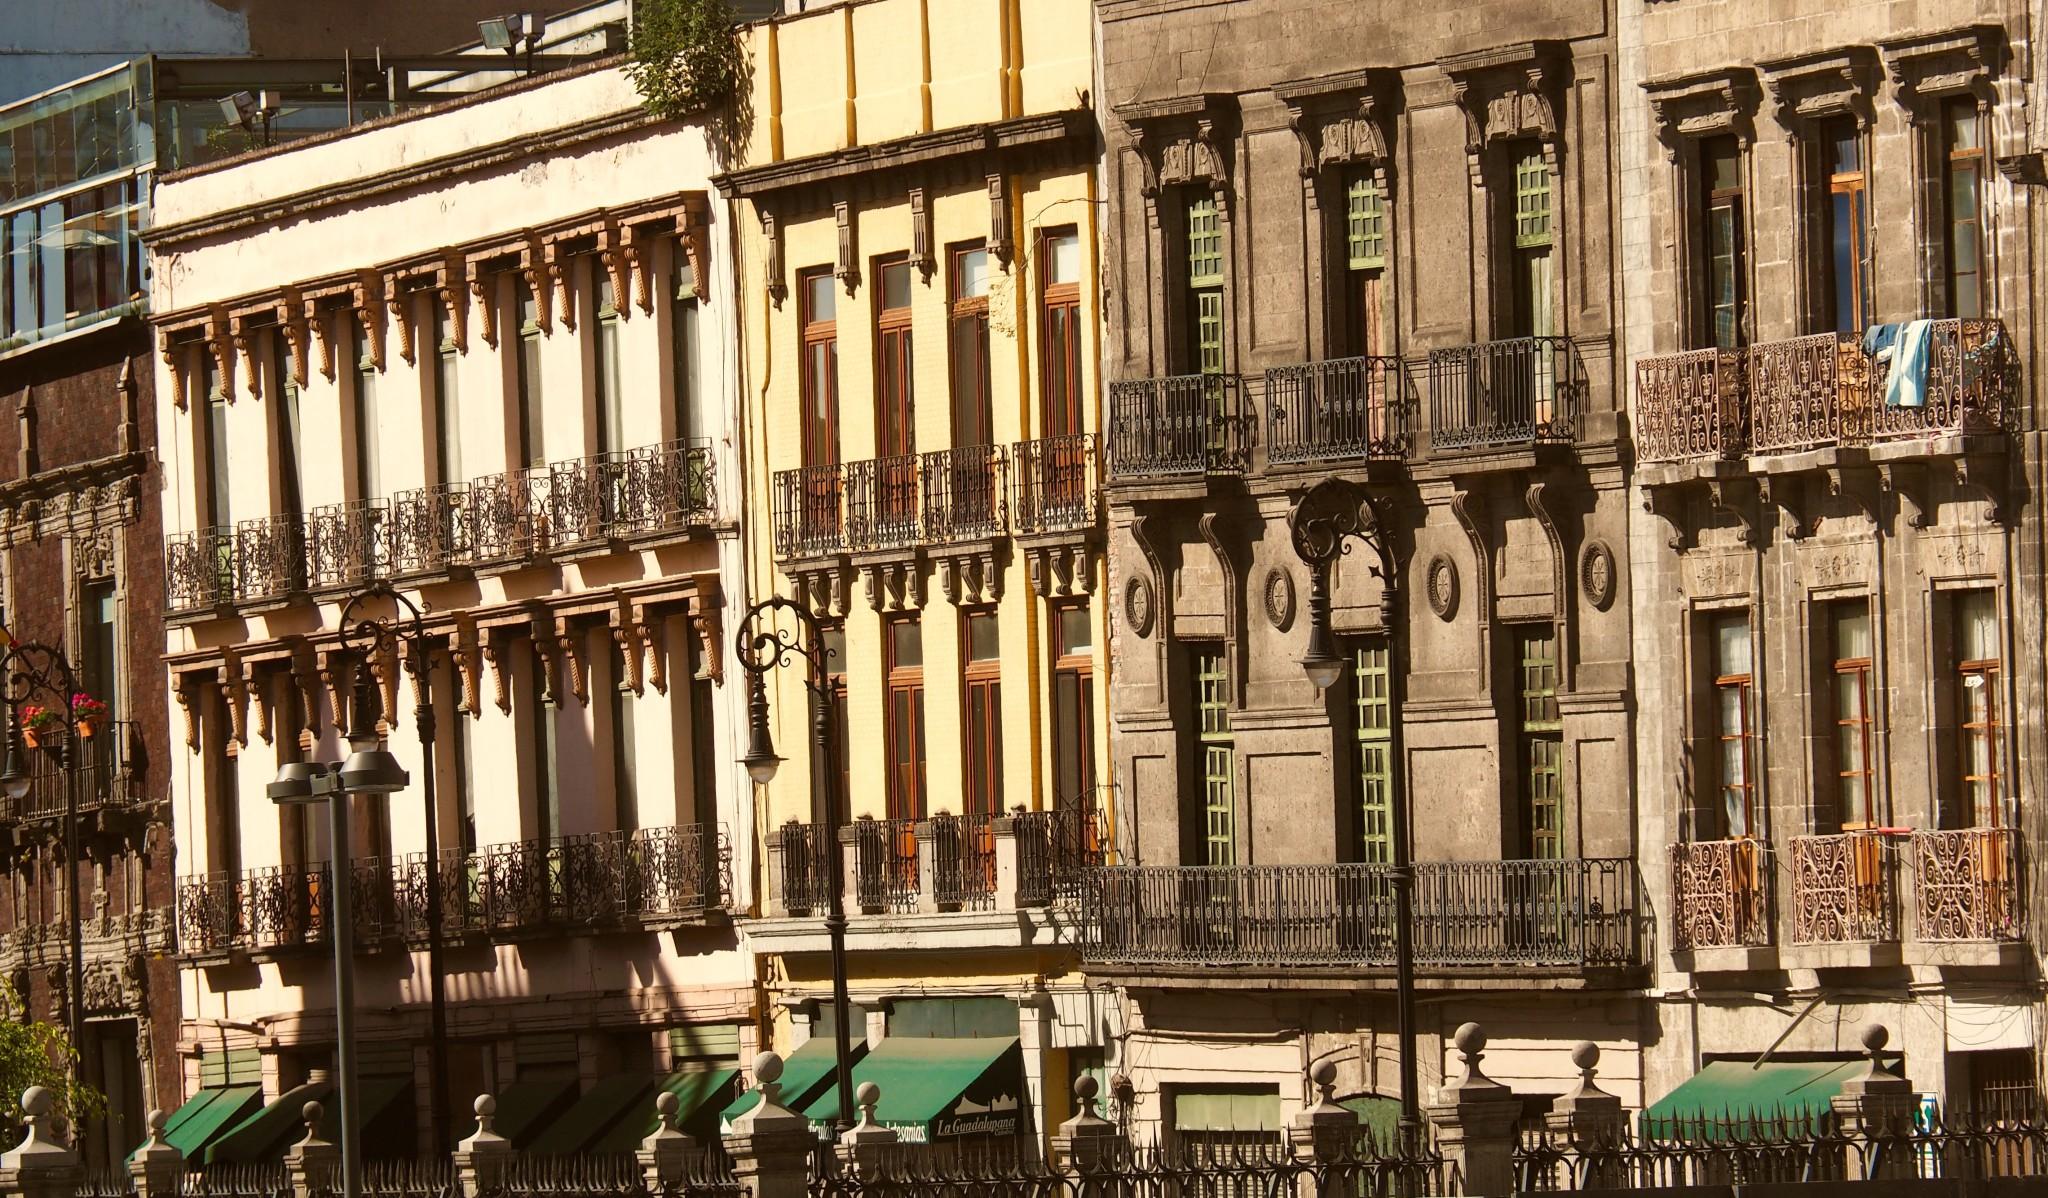 Gerade Häuserfassaden gibt es im historischen Zentrum nur selten.